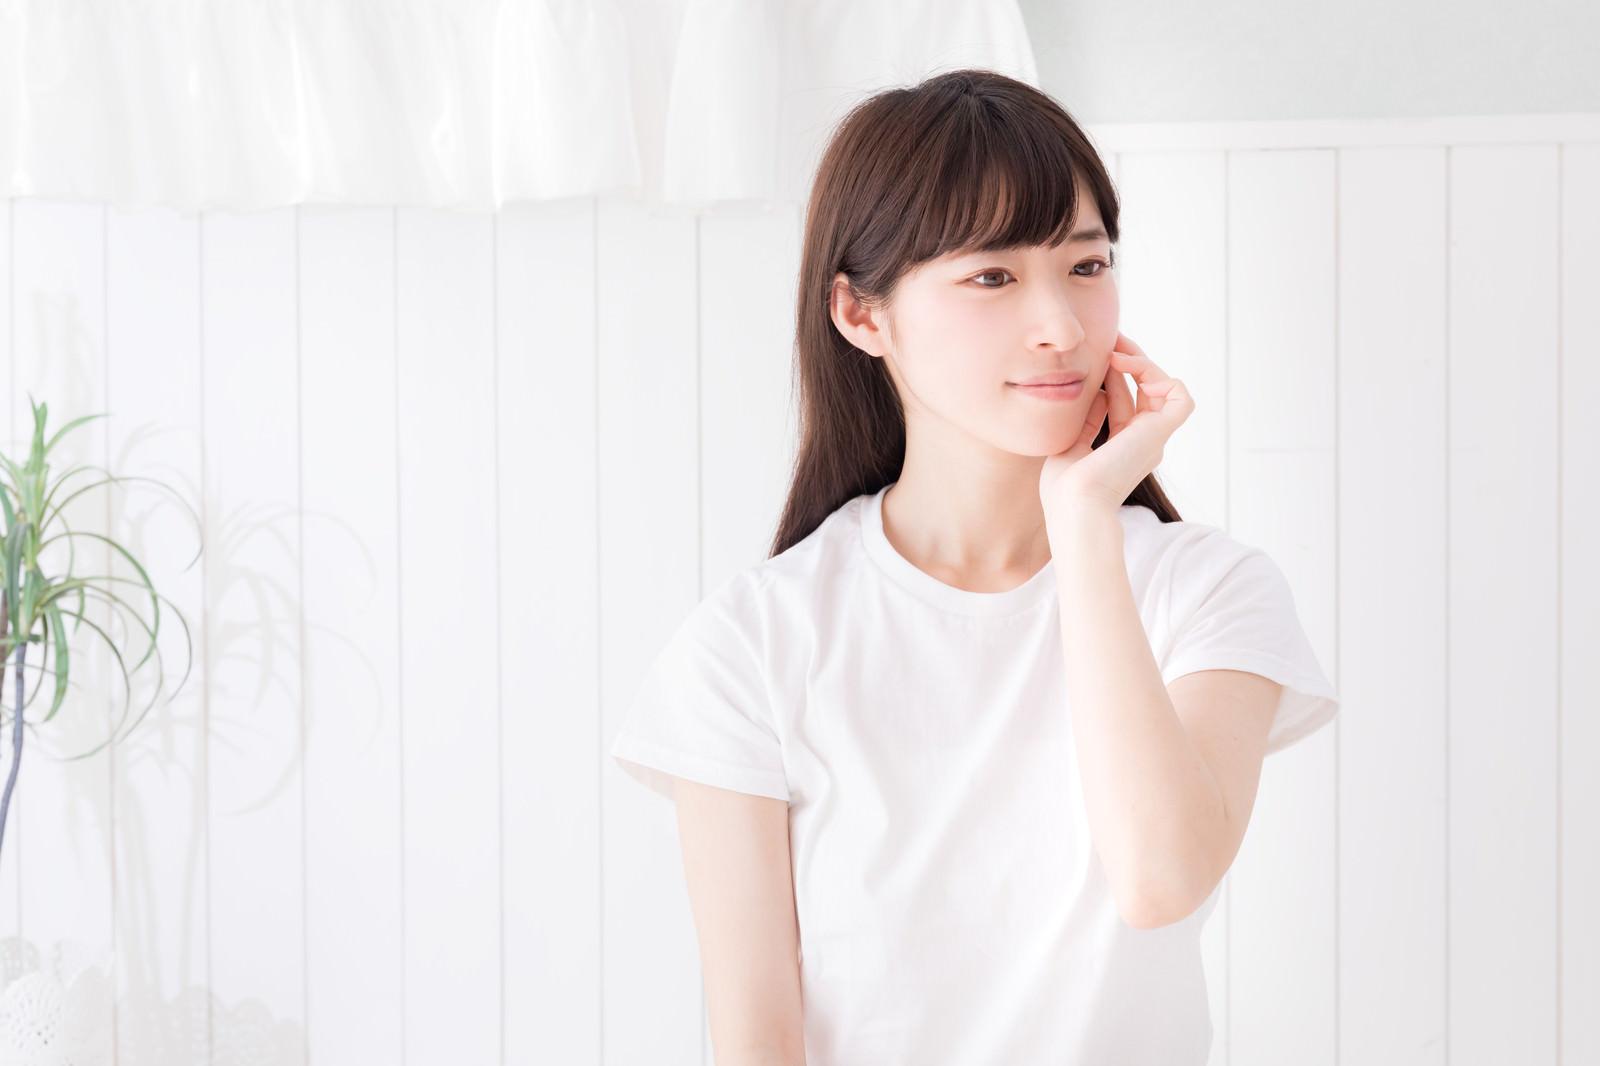 「部屋と白いTシャツと私」の写真